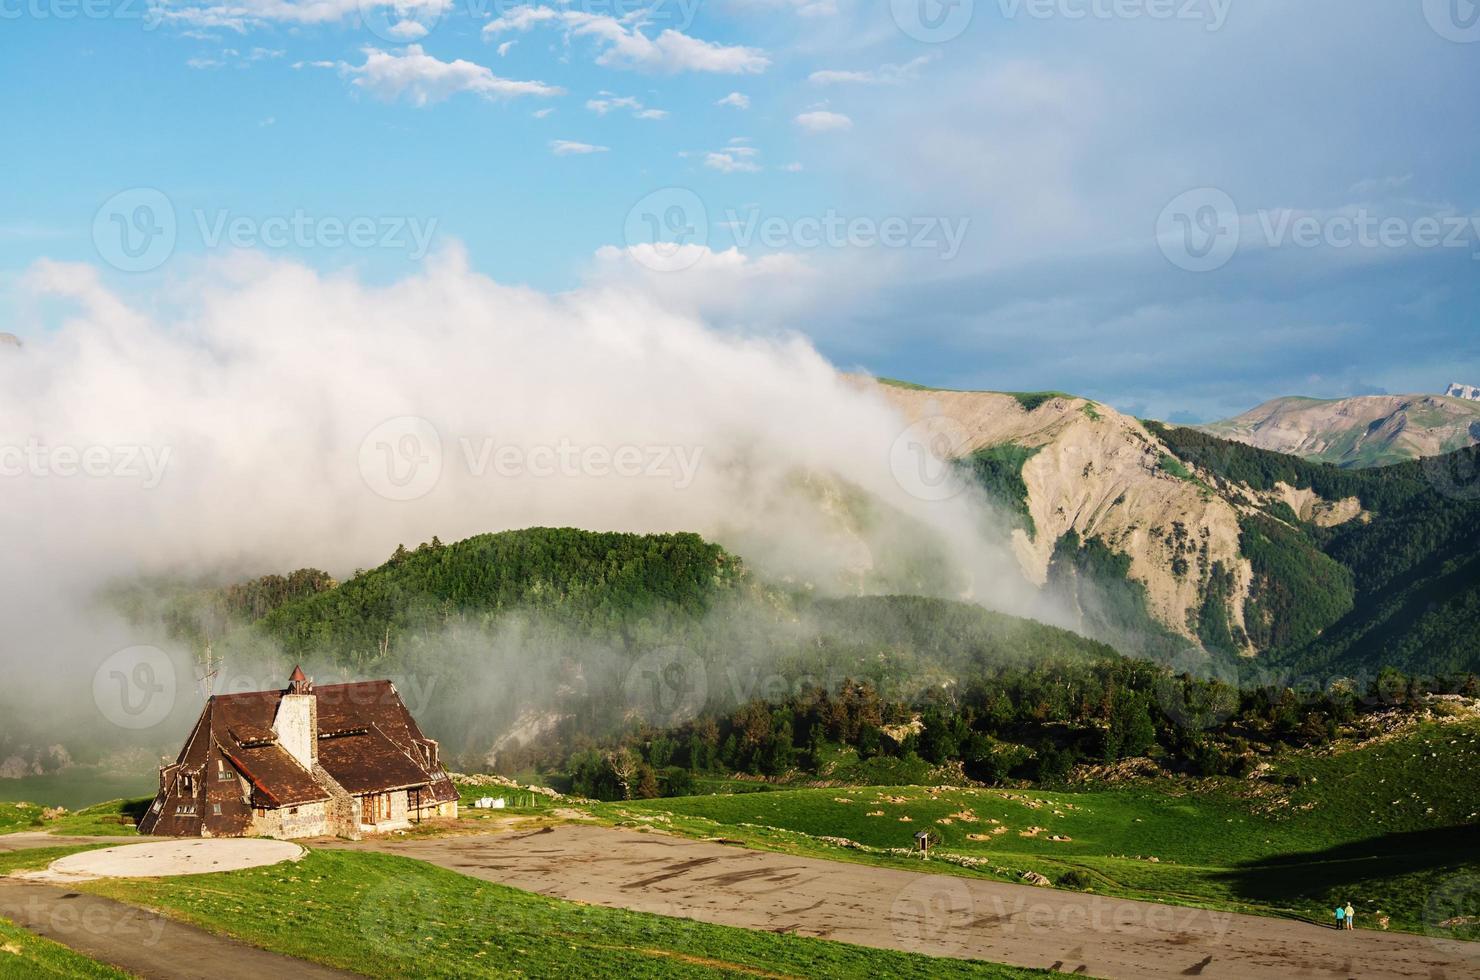 refugio de belagua foto